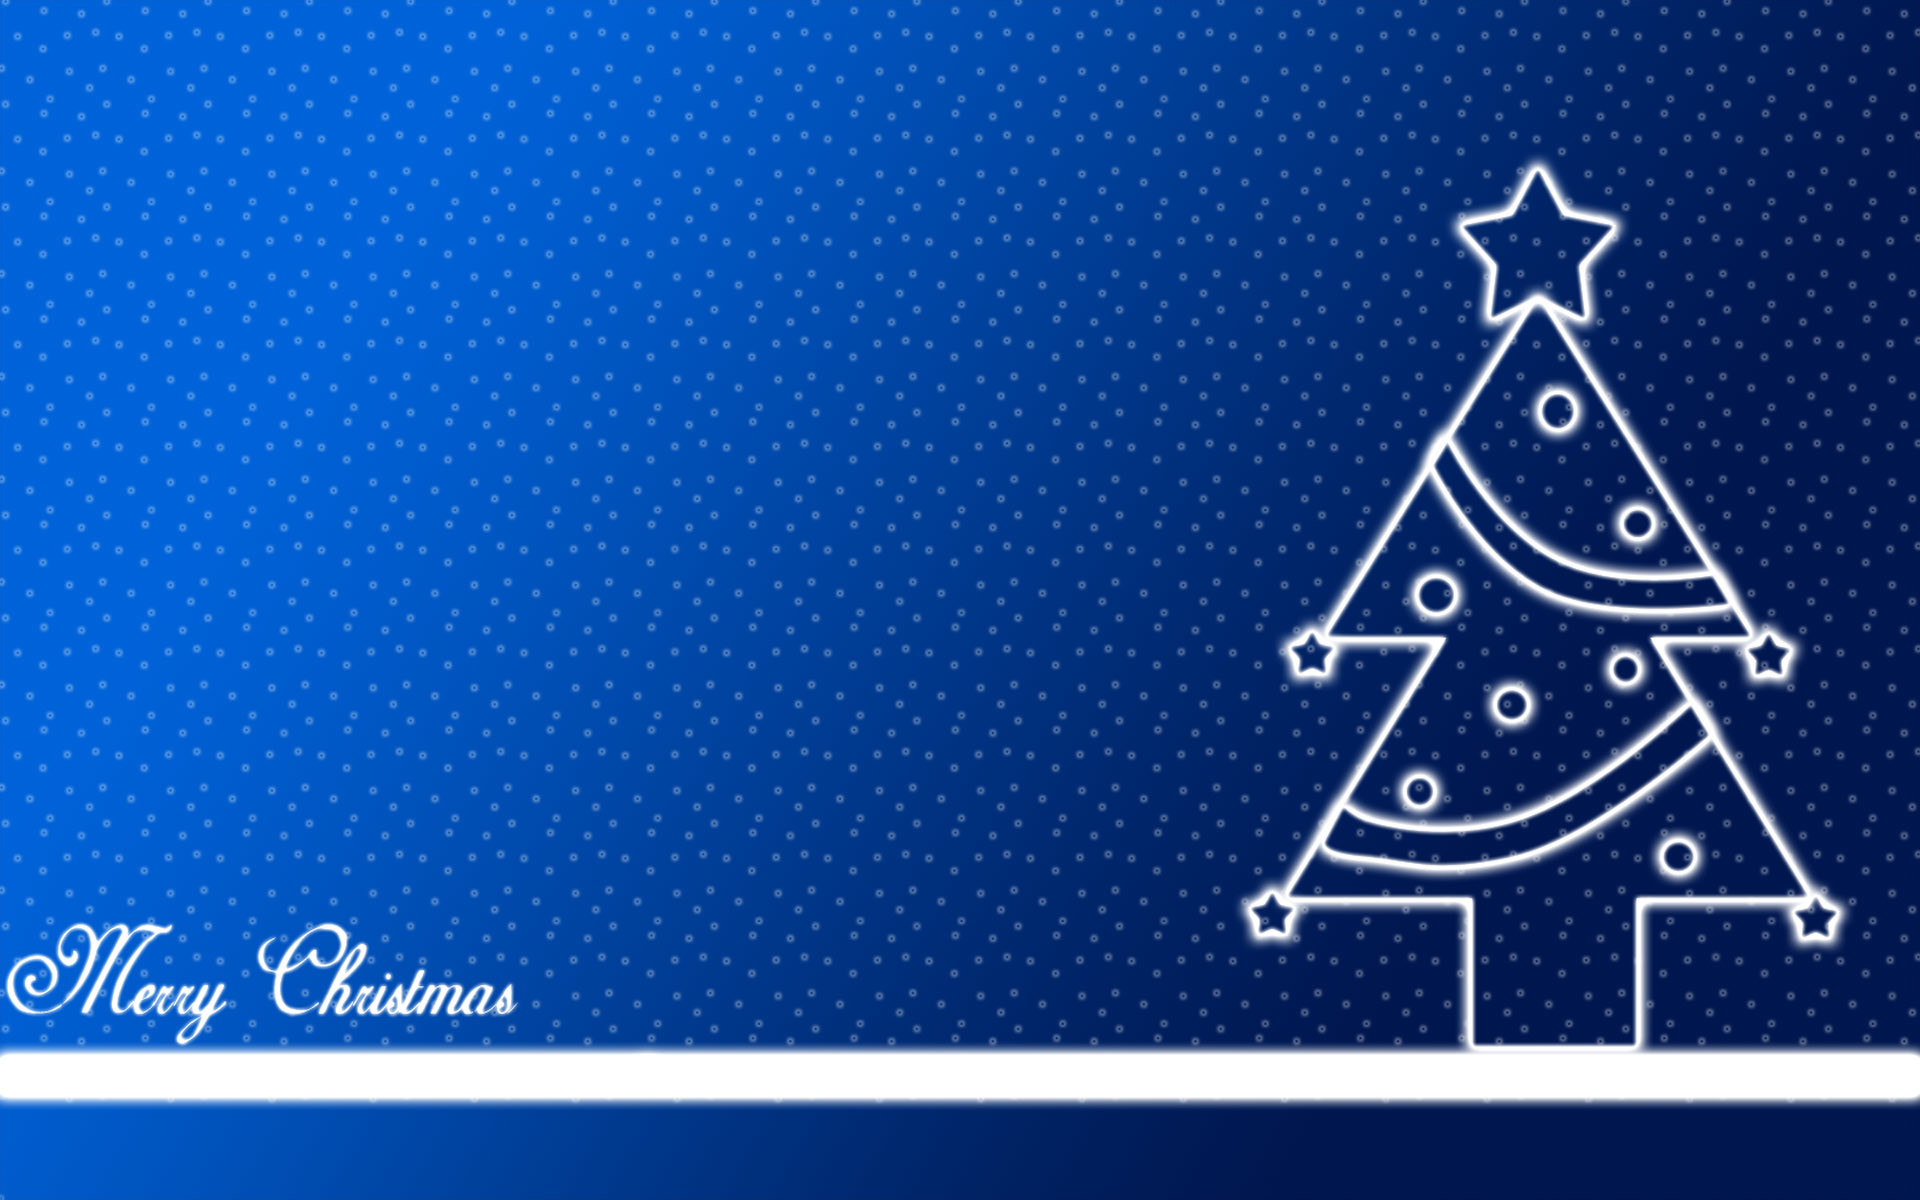 desktop 3d merry christmas wallpaper dowload